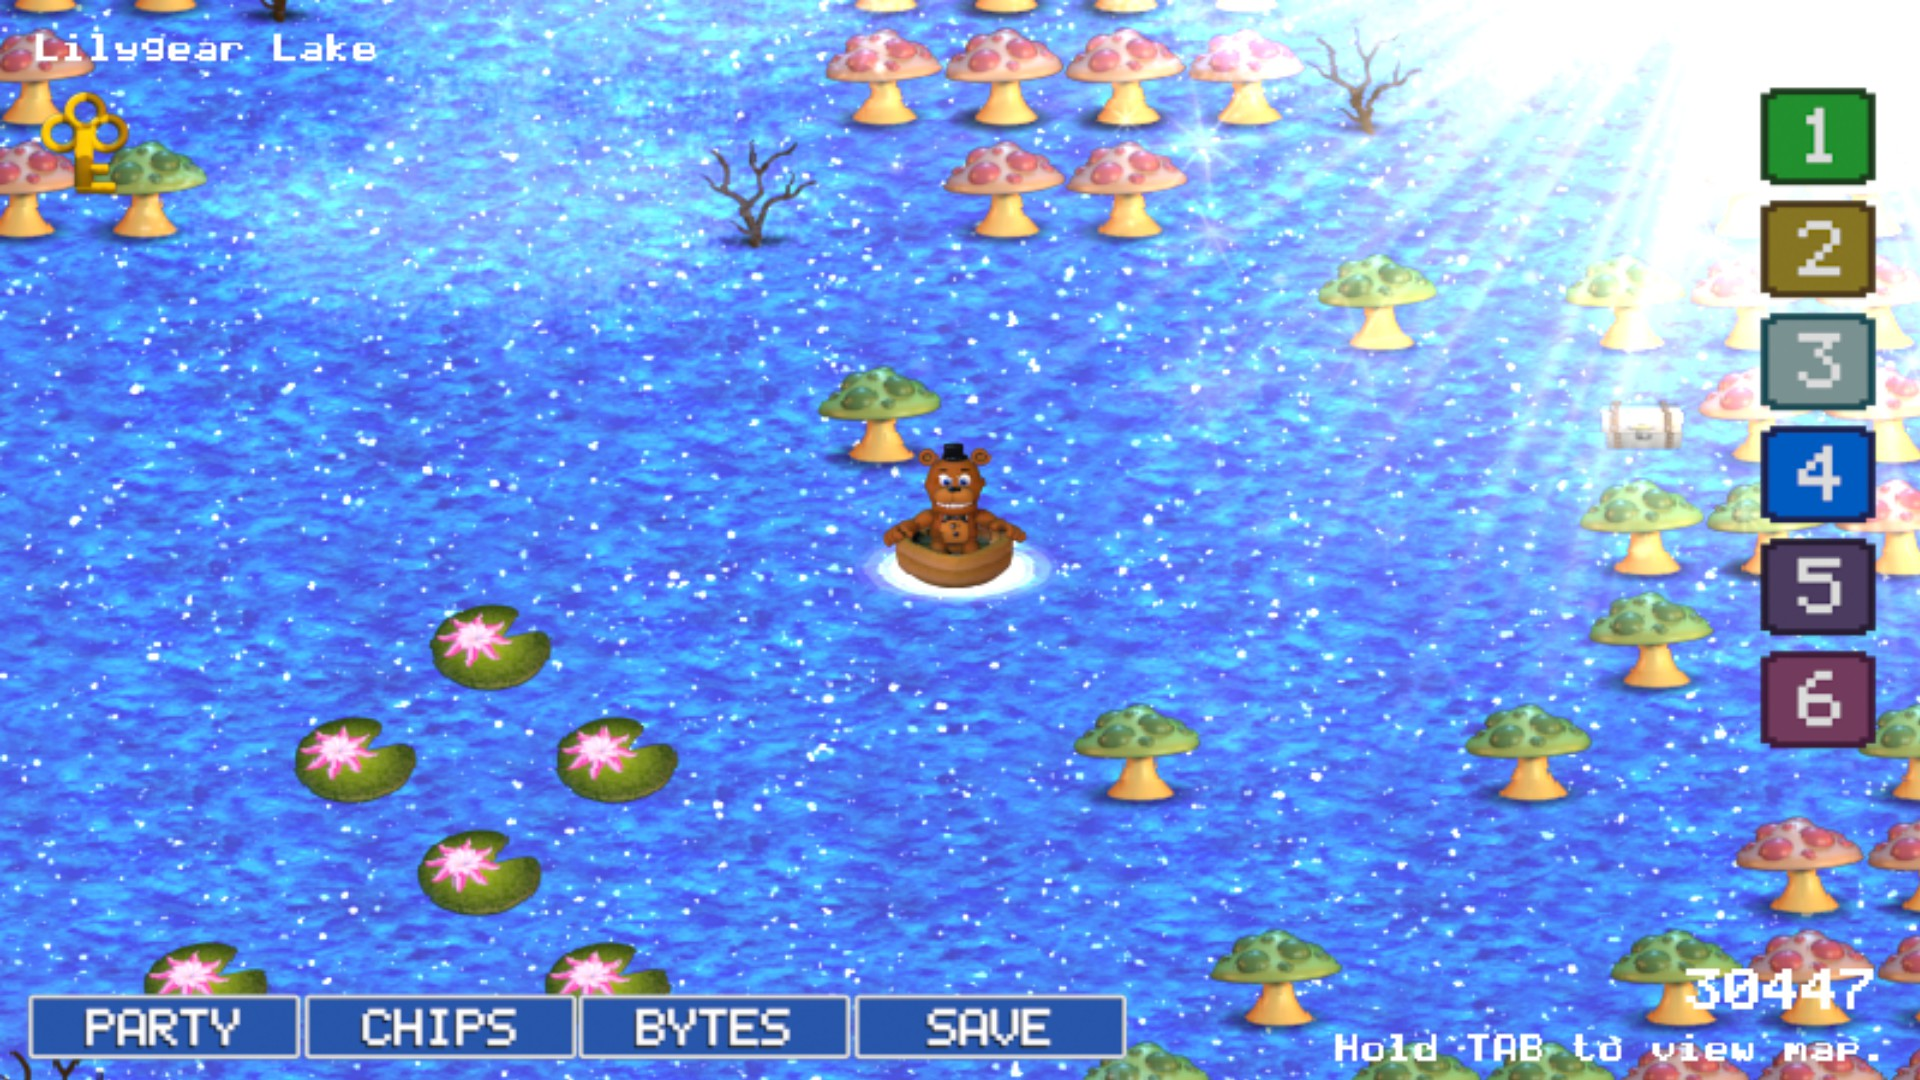 Lilygear Lake | Five Nights at Freddy's Wiki | FANDOM